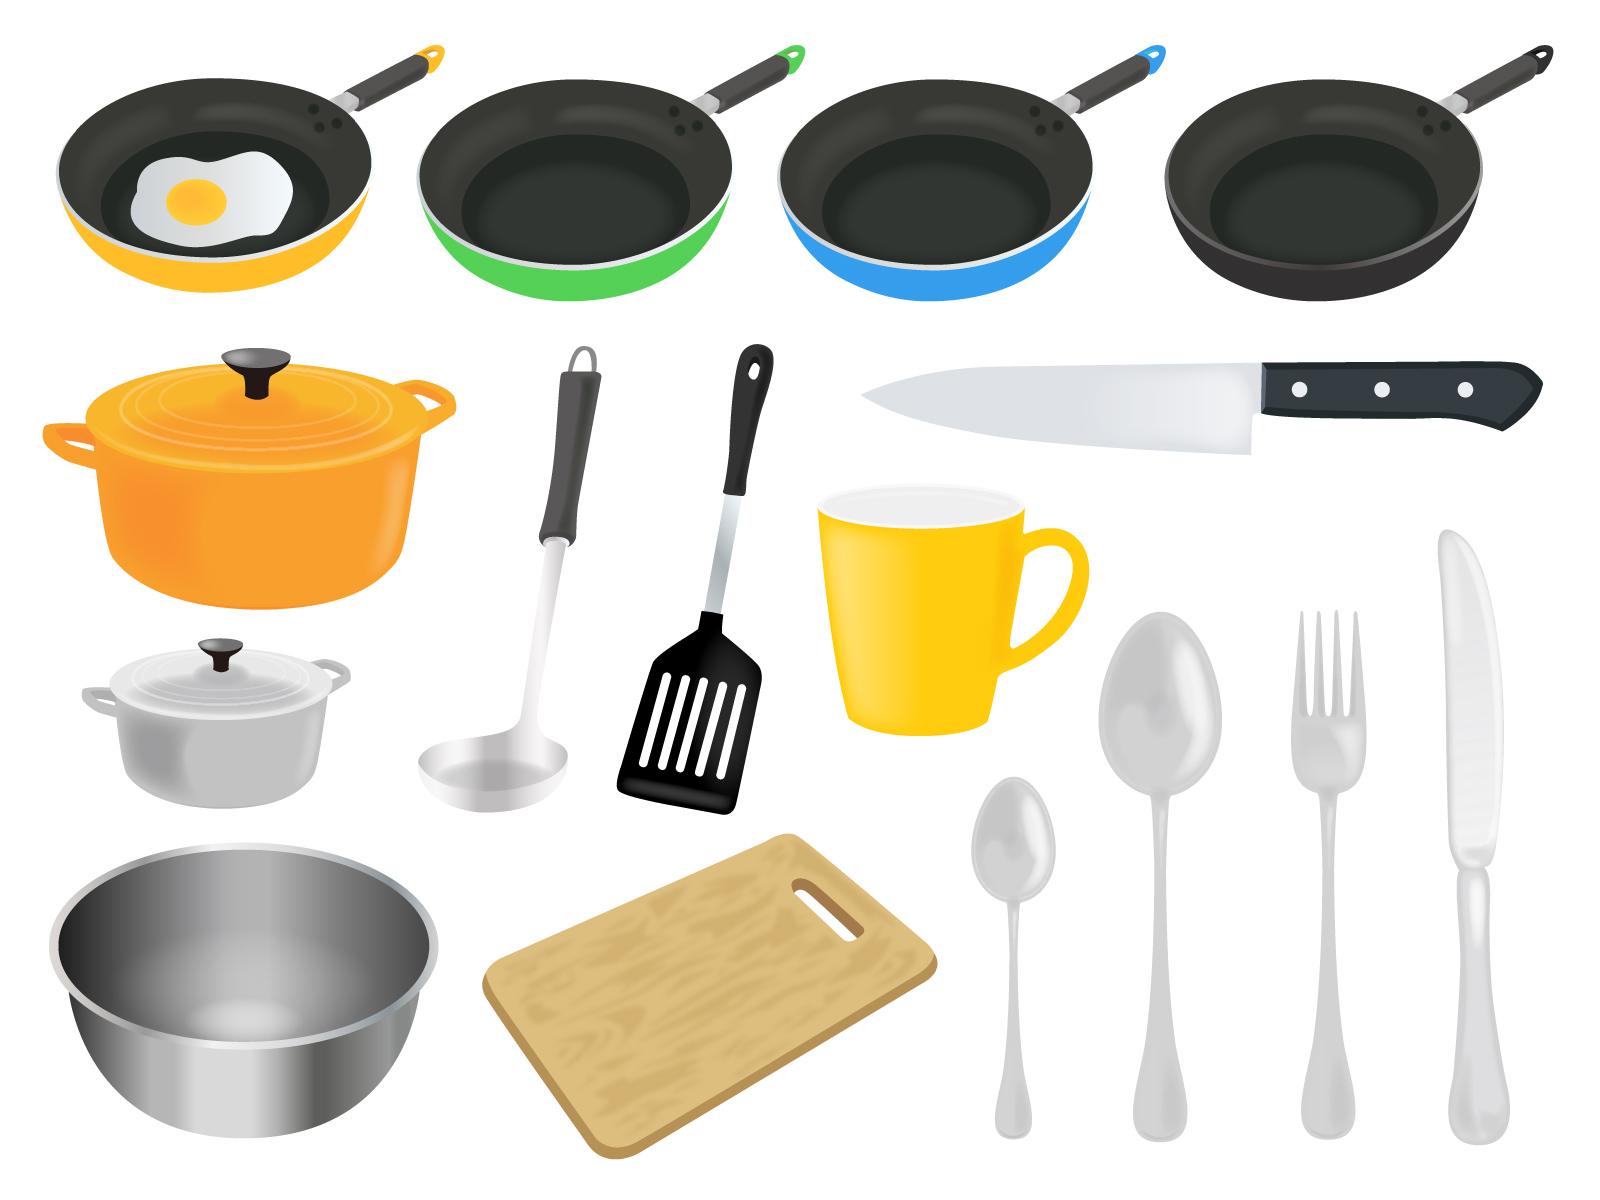 キッチン道具イラスト